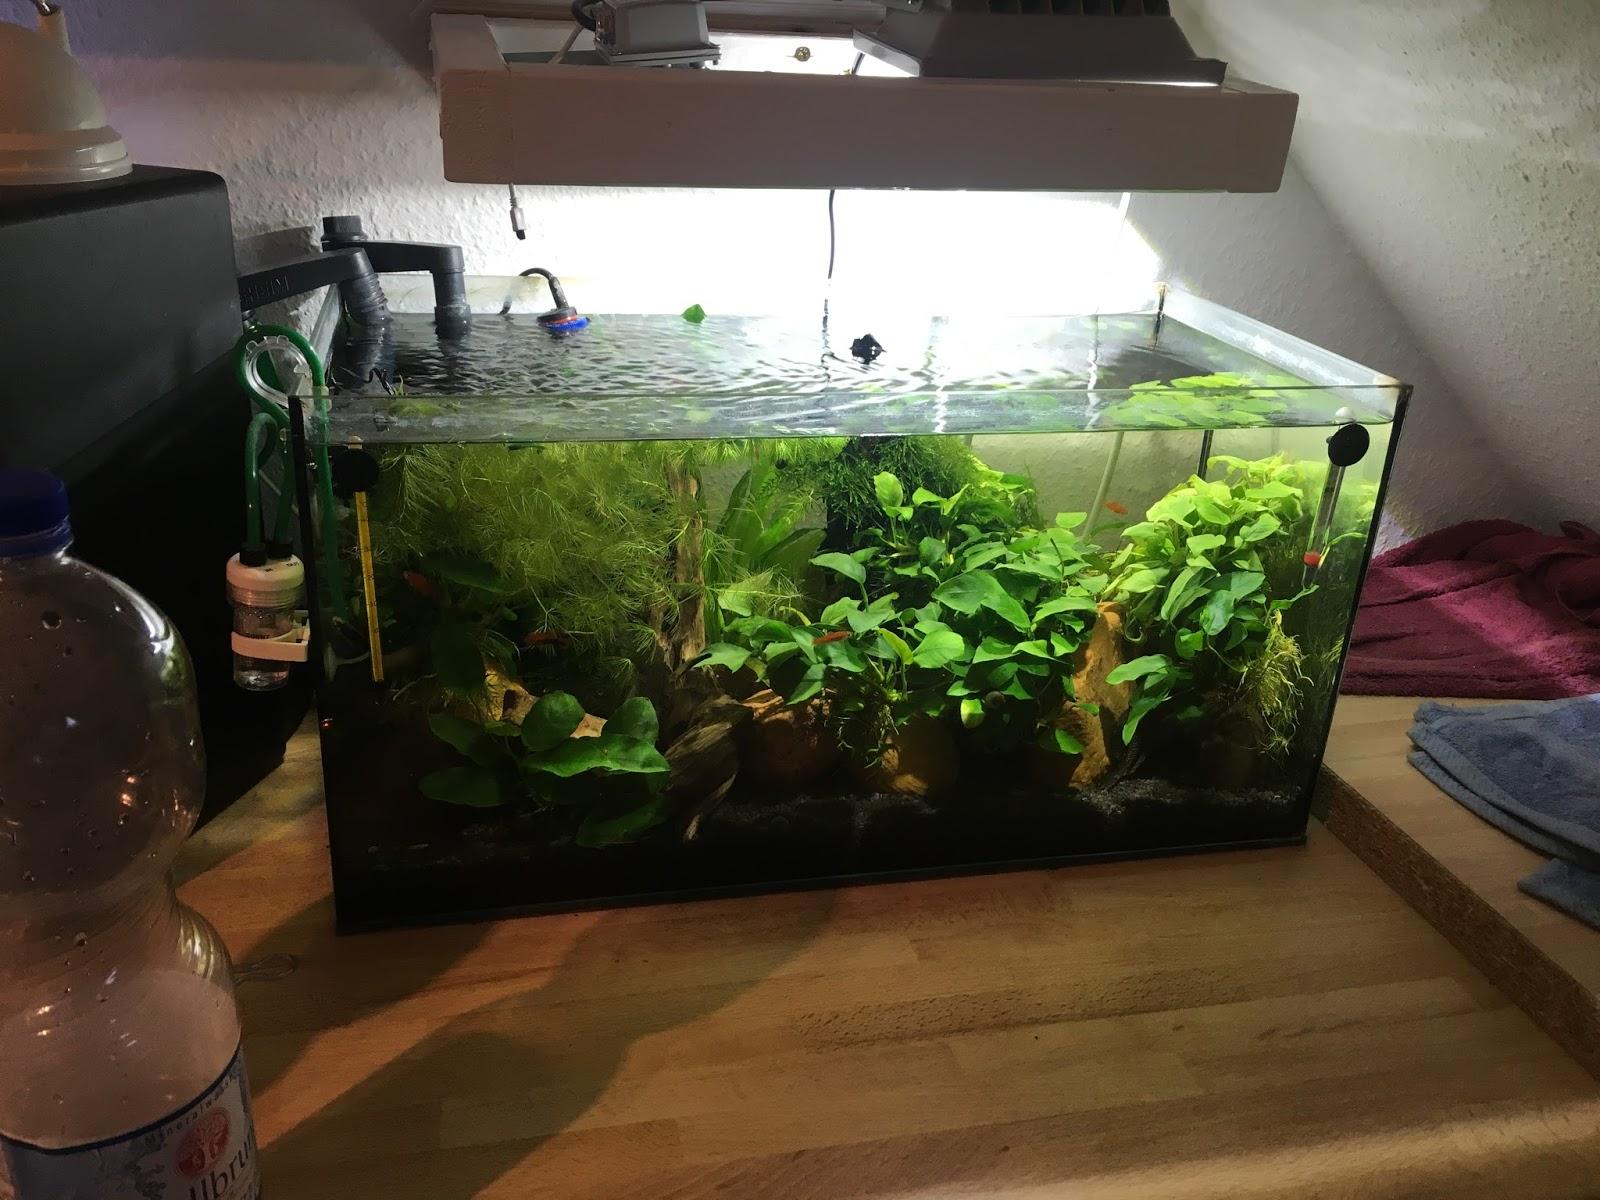 meine aquarien mein 54 liter becken ohne algen abgebaut. Black Bedroom Furniture Sets. Home Design Ideas